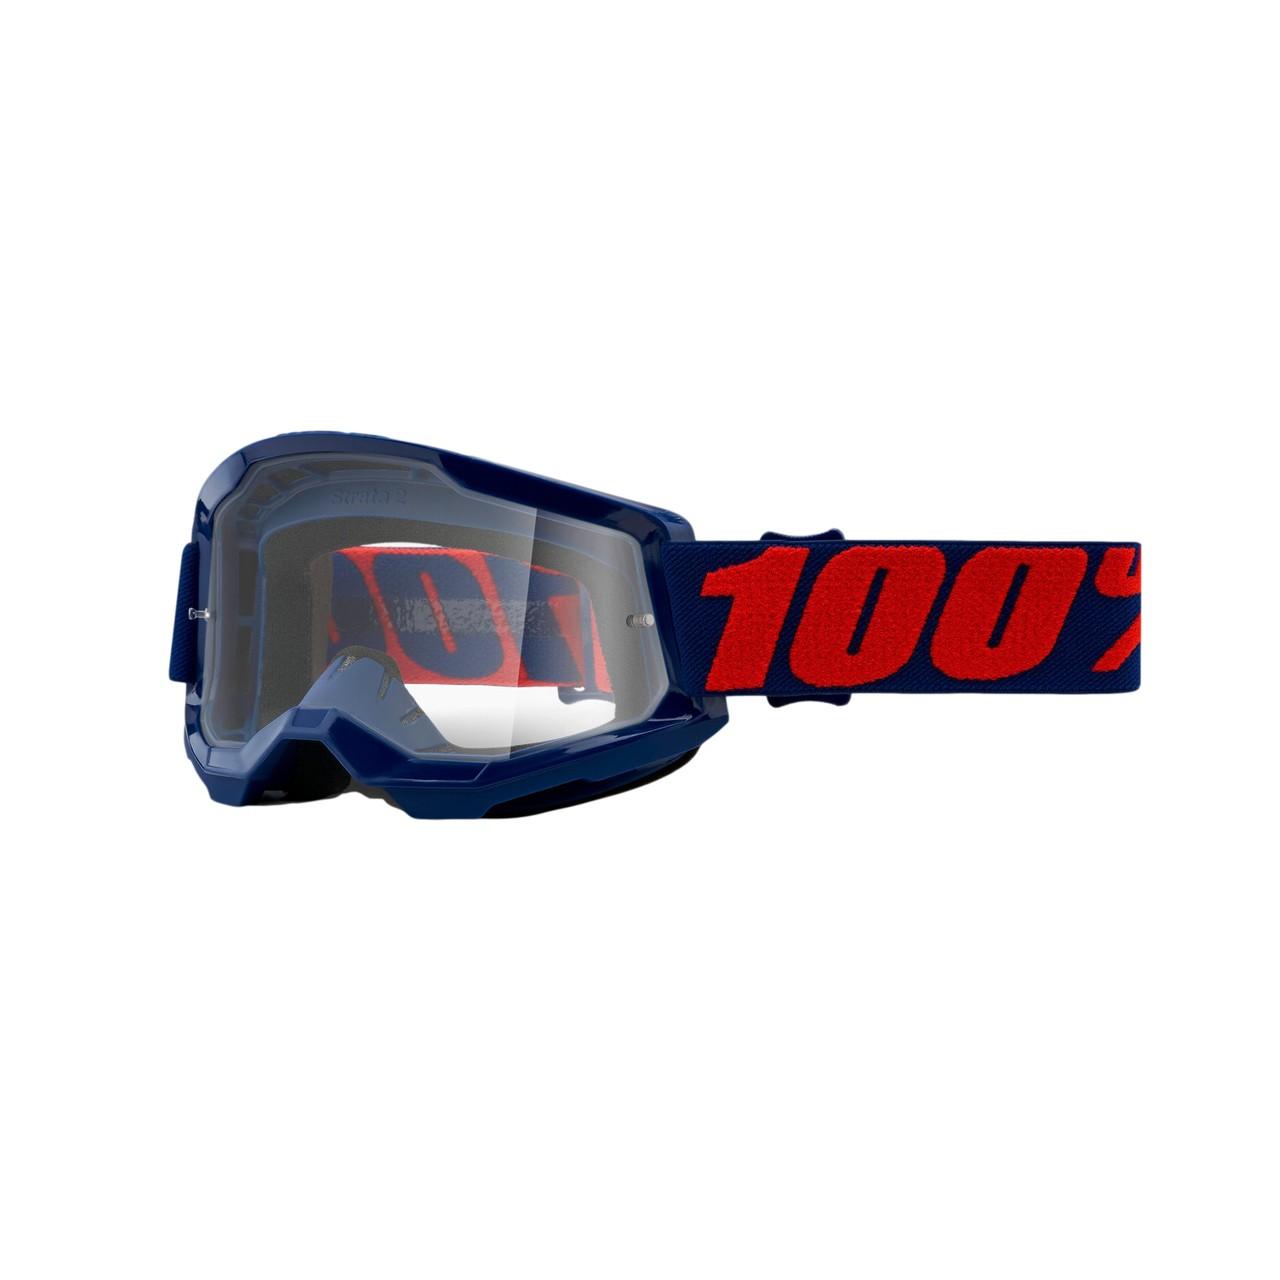 Óculos 100% Strata 2 Masego Lente Transparente